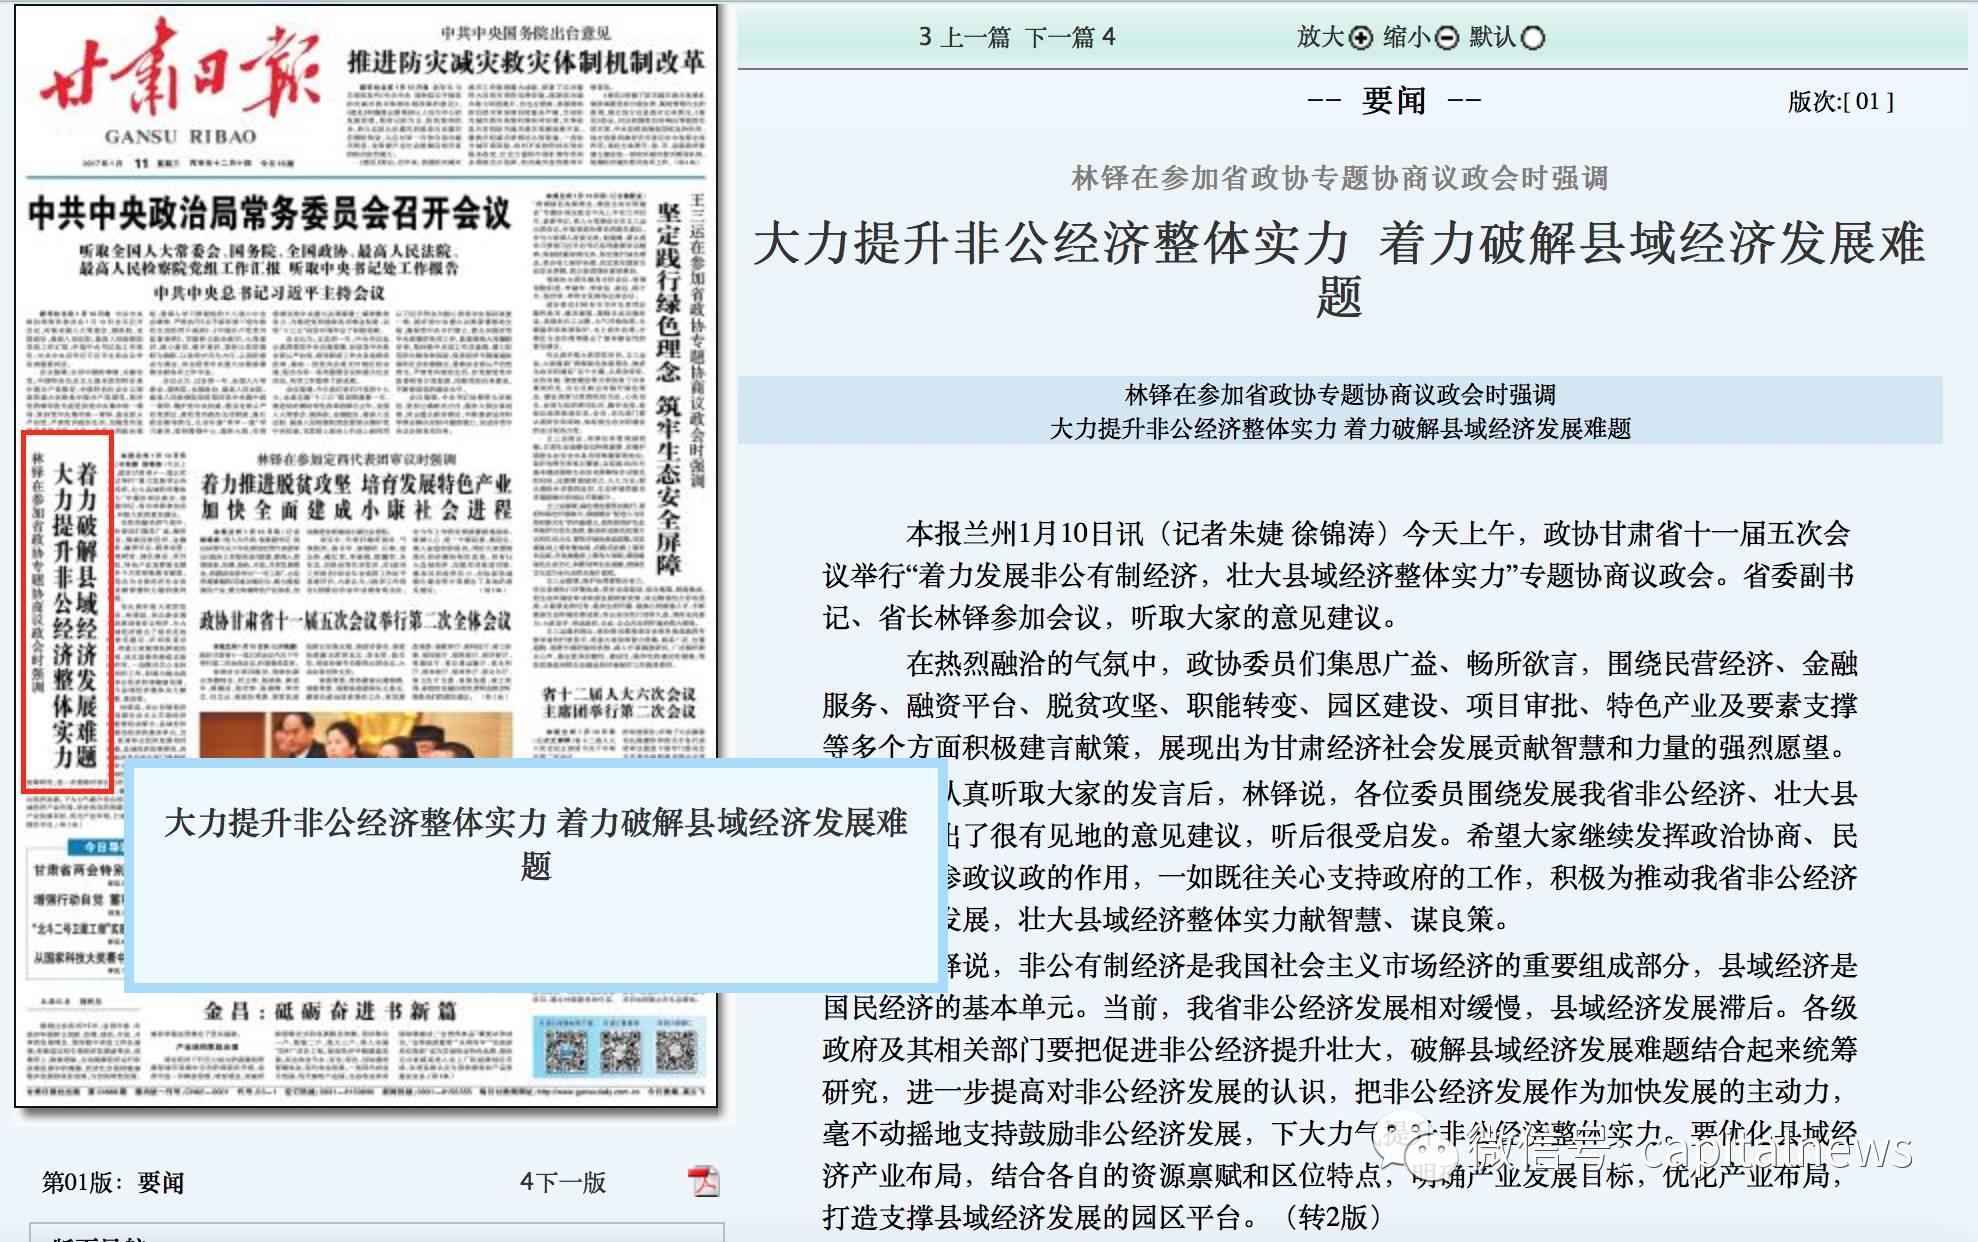 2017首虎:调岗才2月 省委常委在人代会被拿下 - heaiyilang5728 - 和蔼一郎5728之博客